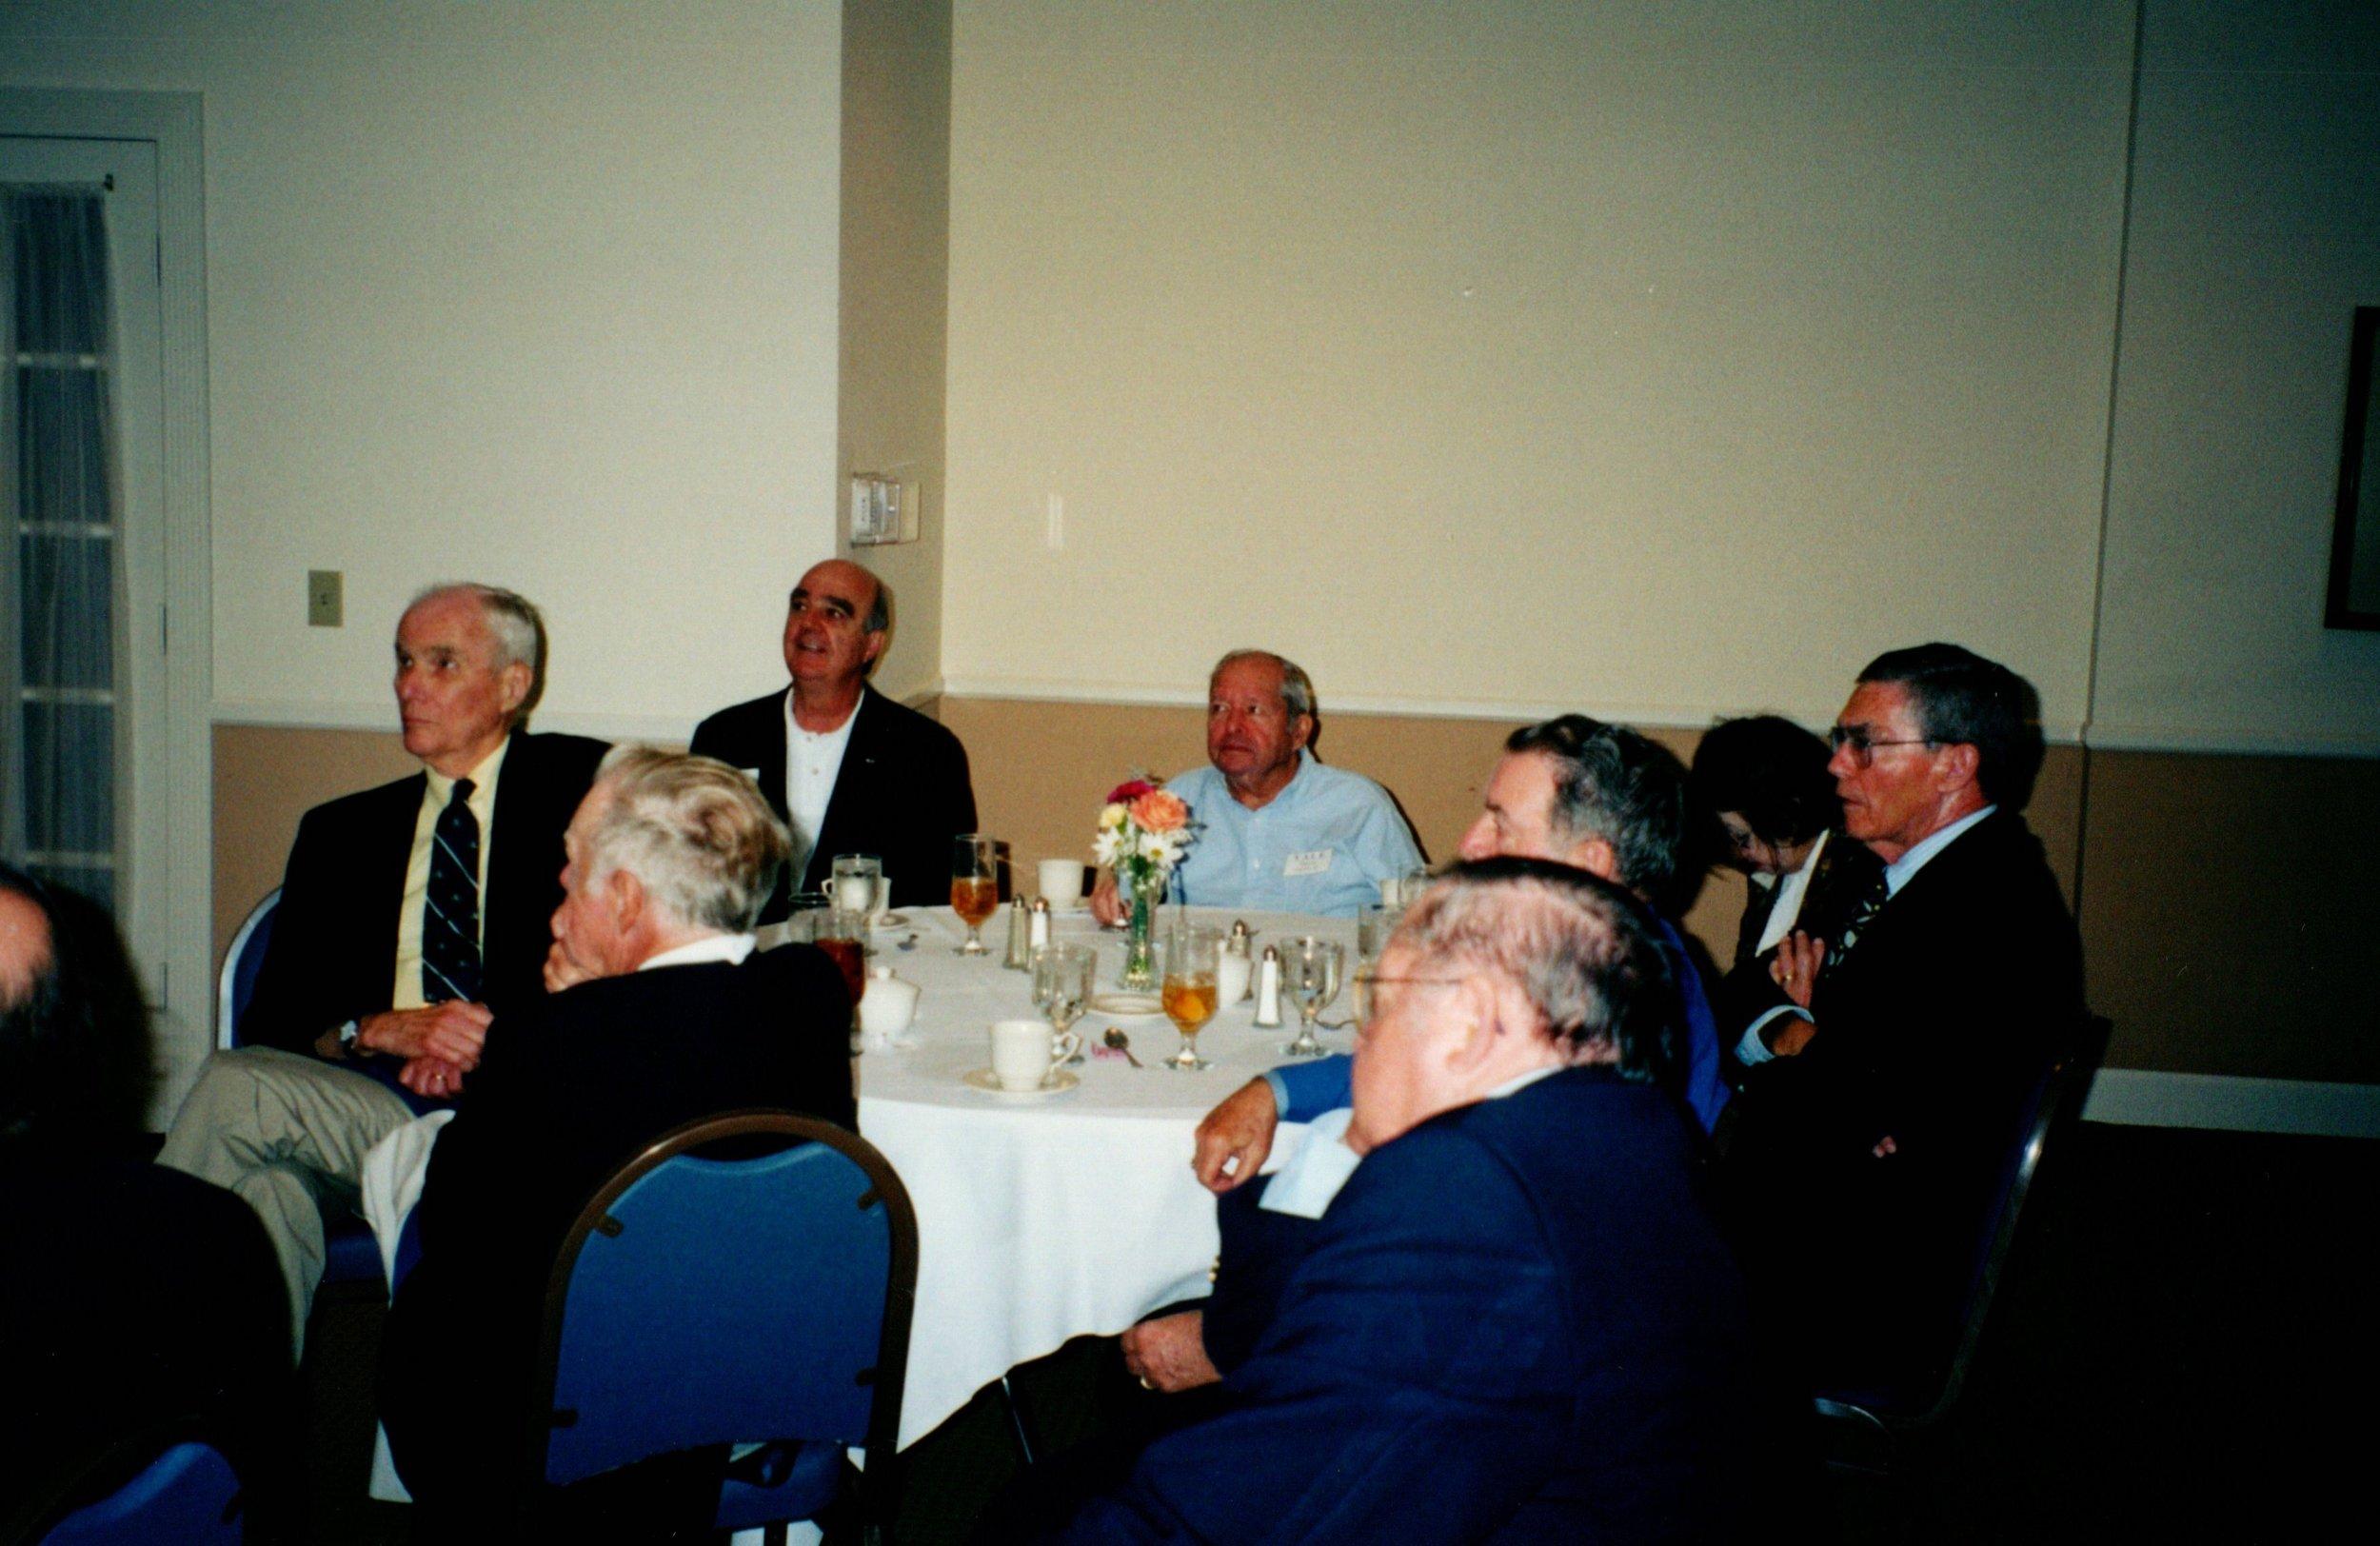 3_7_2002 - COACH SIEDLECKI LUNCHEON - COLLIER ATHLETIC CLUB 4.jpg